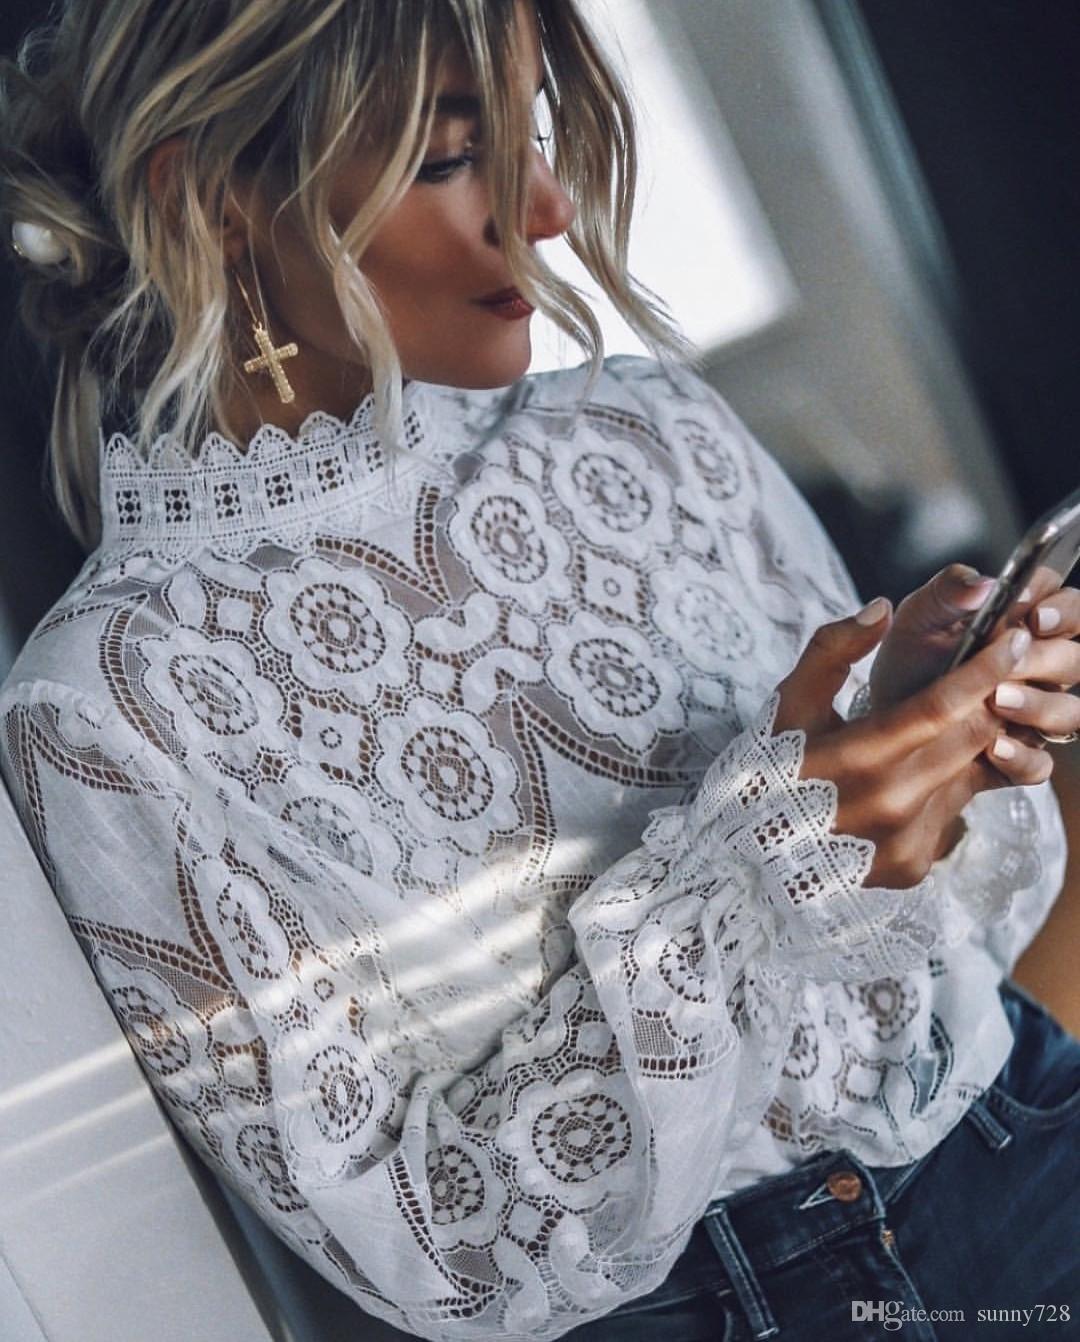 2019 el último Elgant blanco encaje mujeres blusa camisetas cuello alto mangas largas ver a través del patrón floral moda OL Top Teee camiseta ocasional